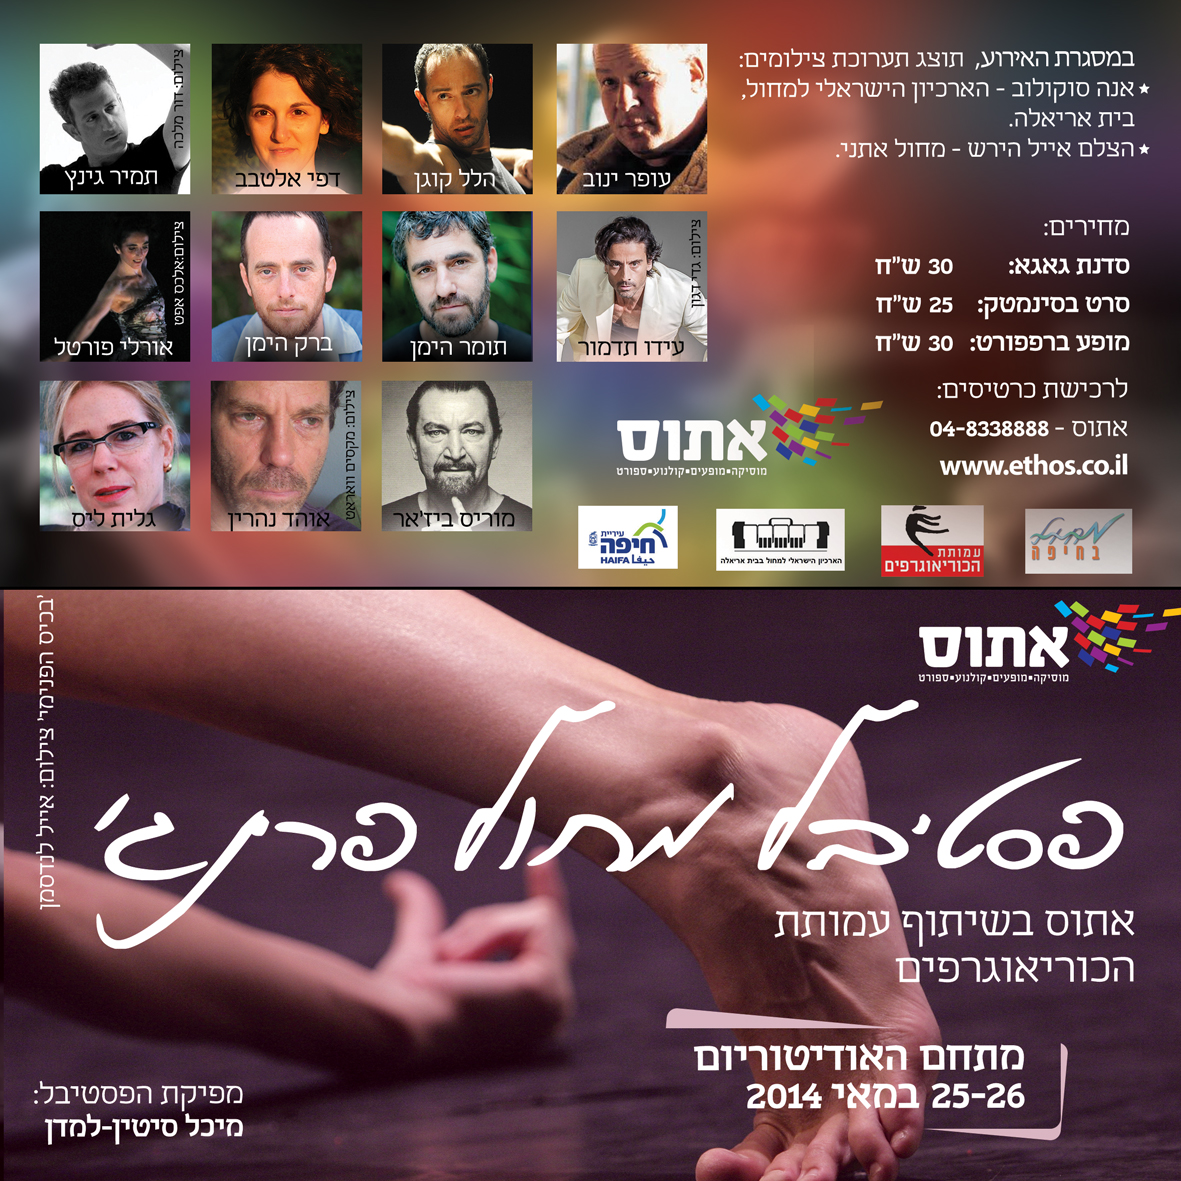 פסטיבל מחול פרינג' בחיפה